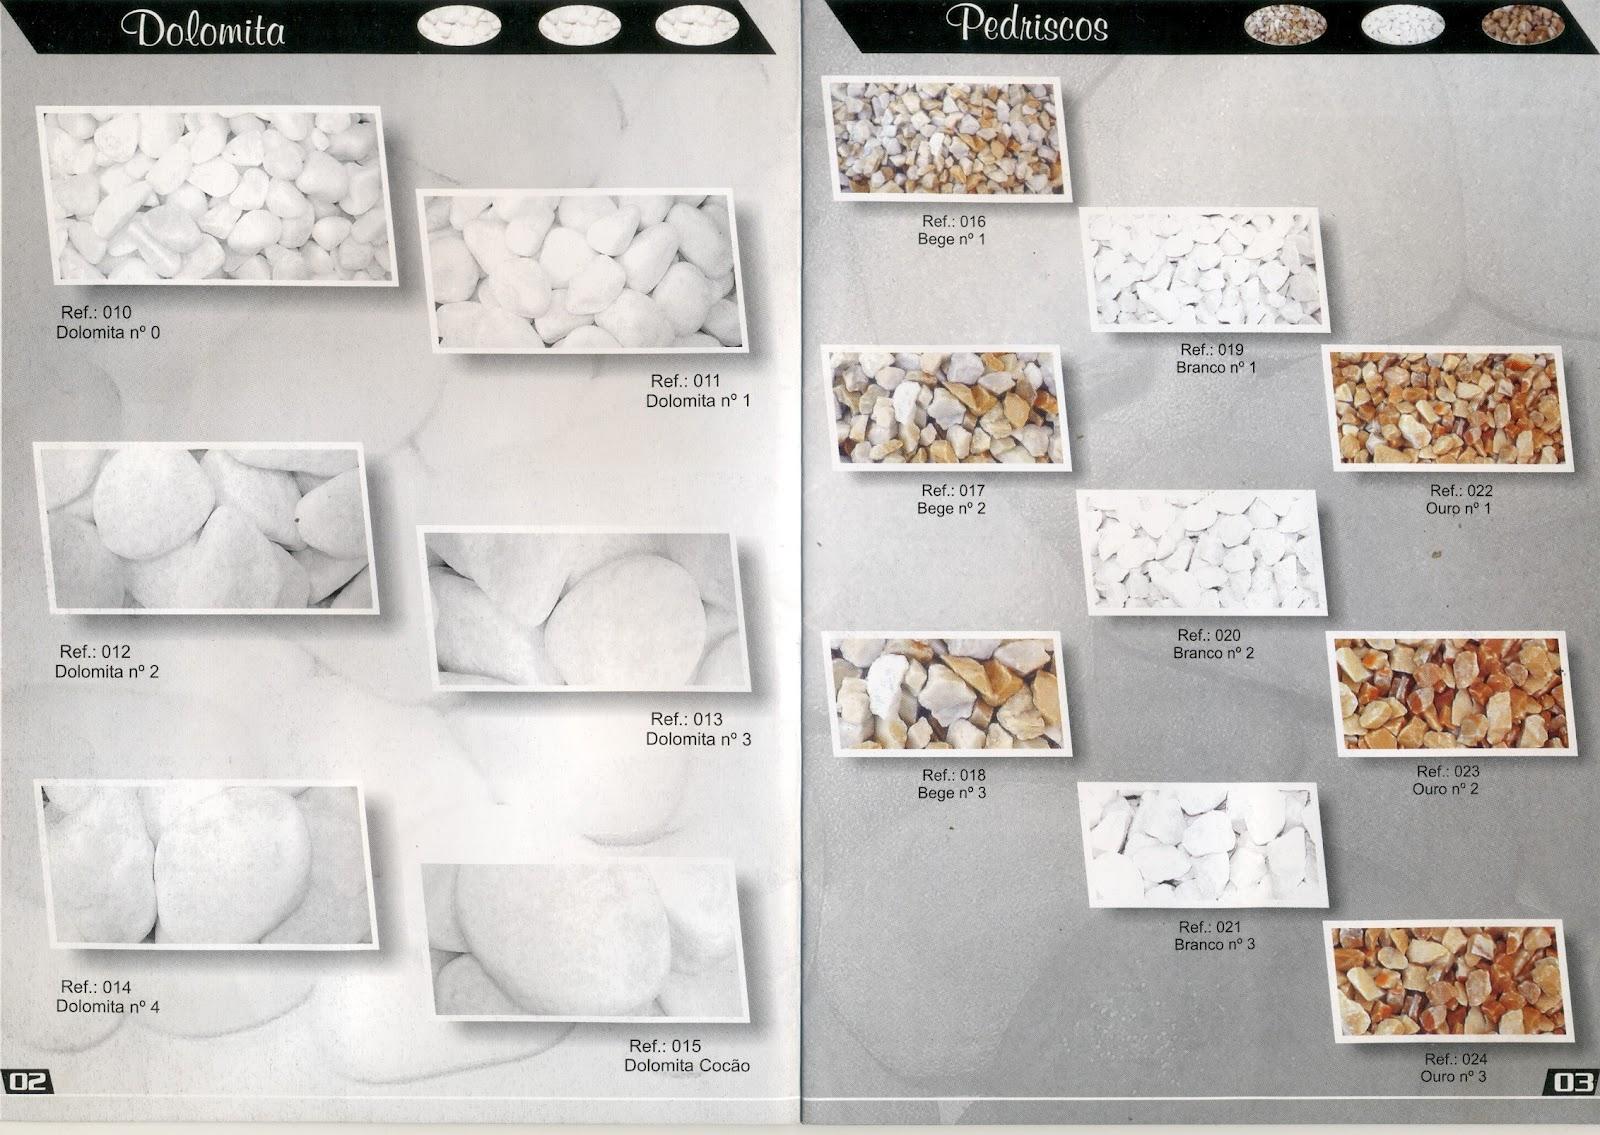 pedras de jardim tipos : pedras de jardim tipos: de pedras e pedriscos mais utilizados em decoração de jardins